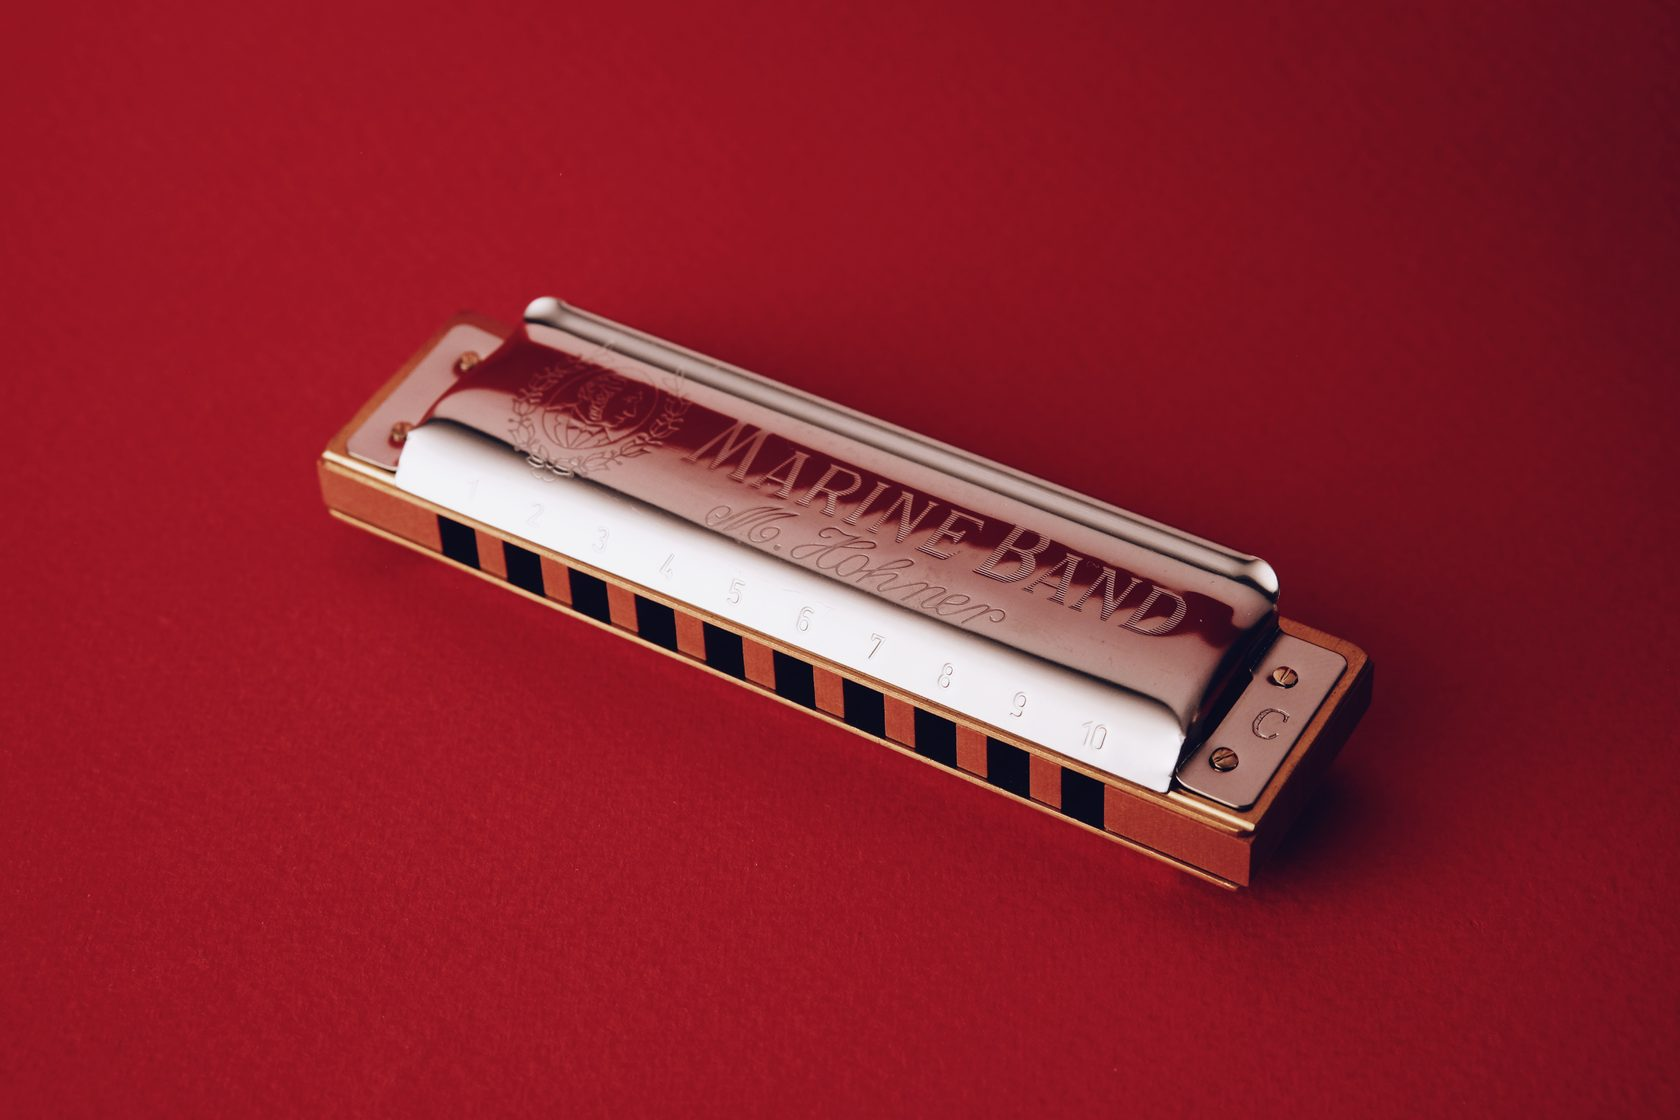 Губная гармоника Hohner Marine Band, губная гармошка, диалогическая гармоника, harmonica, harp, купить в магазине Ukelovers